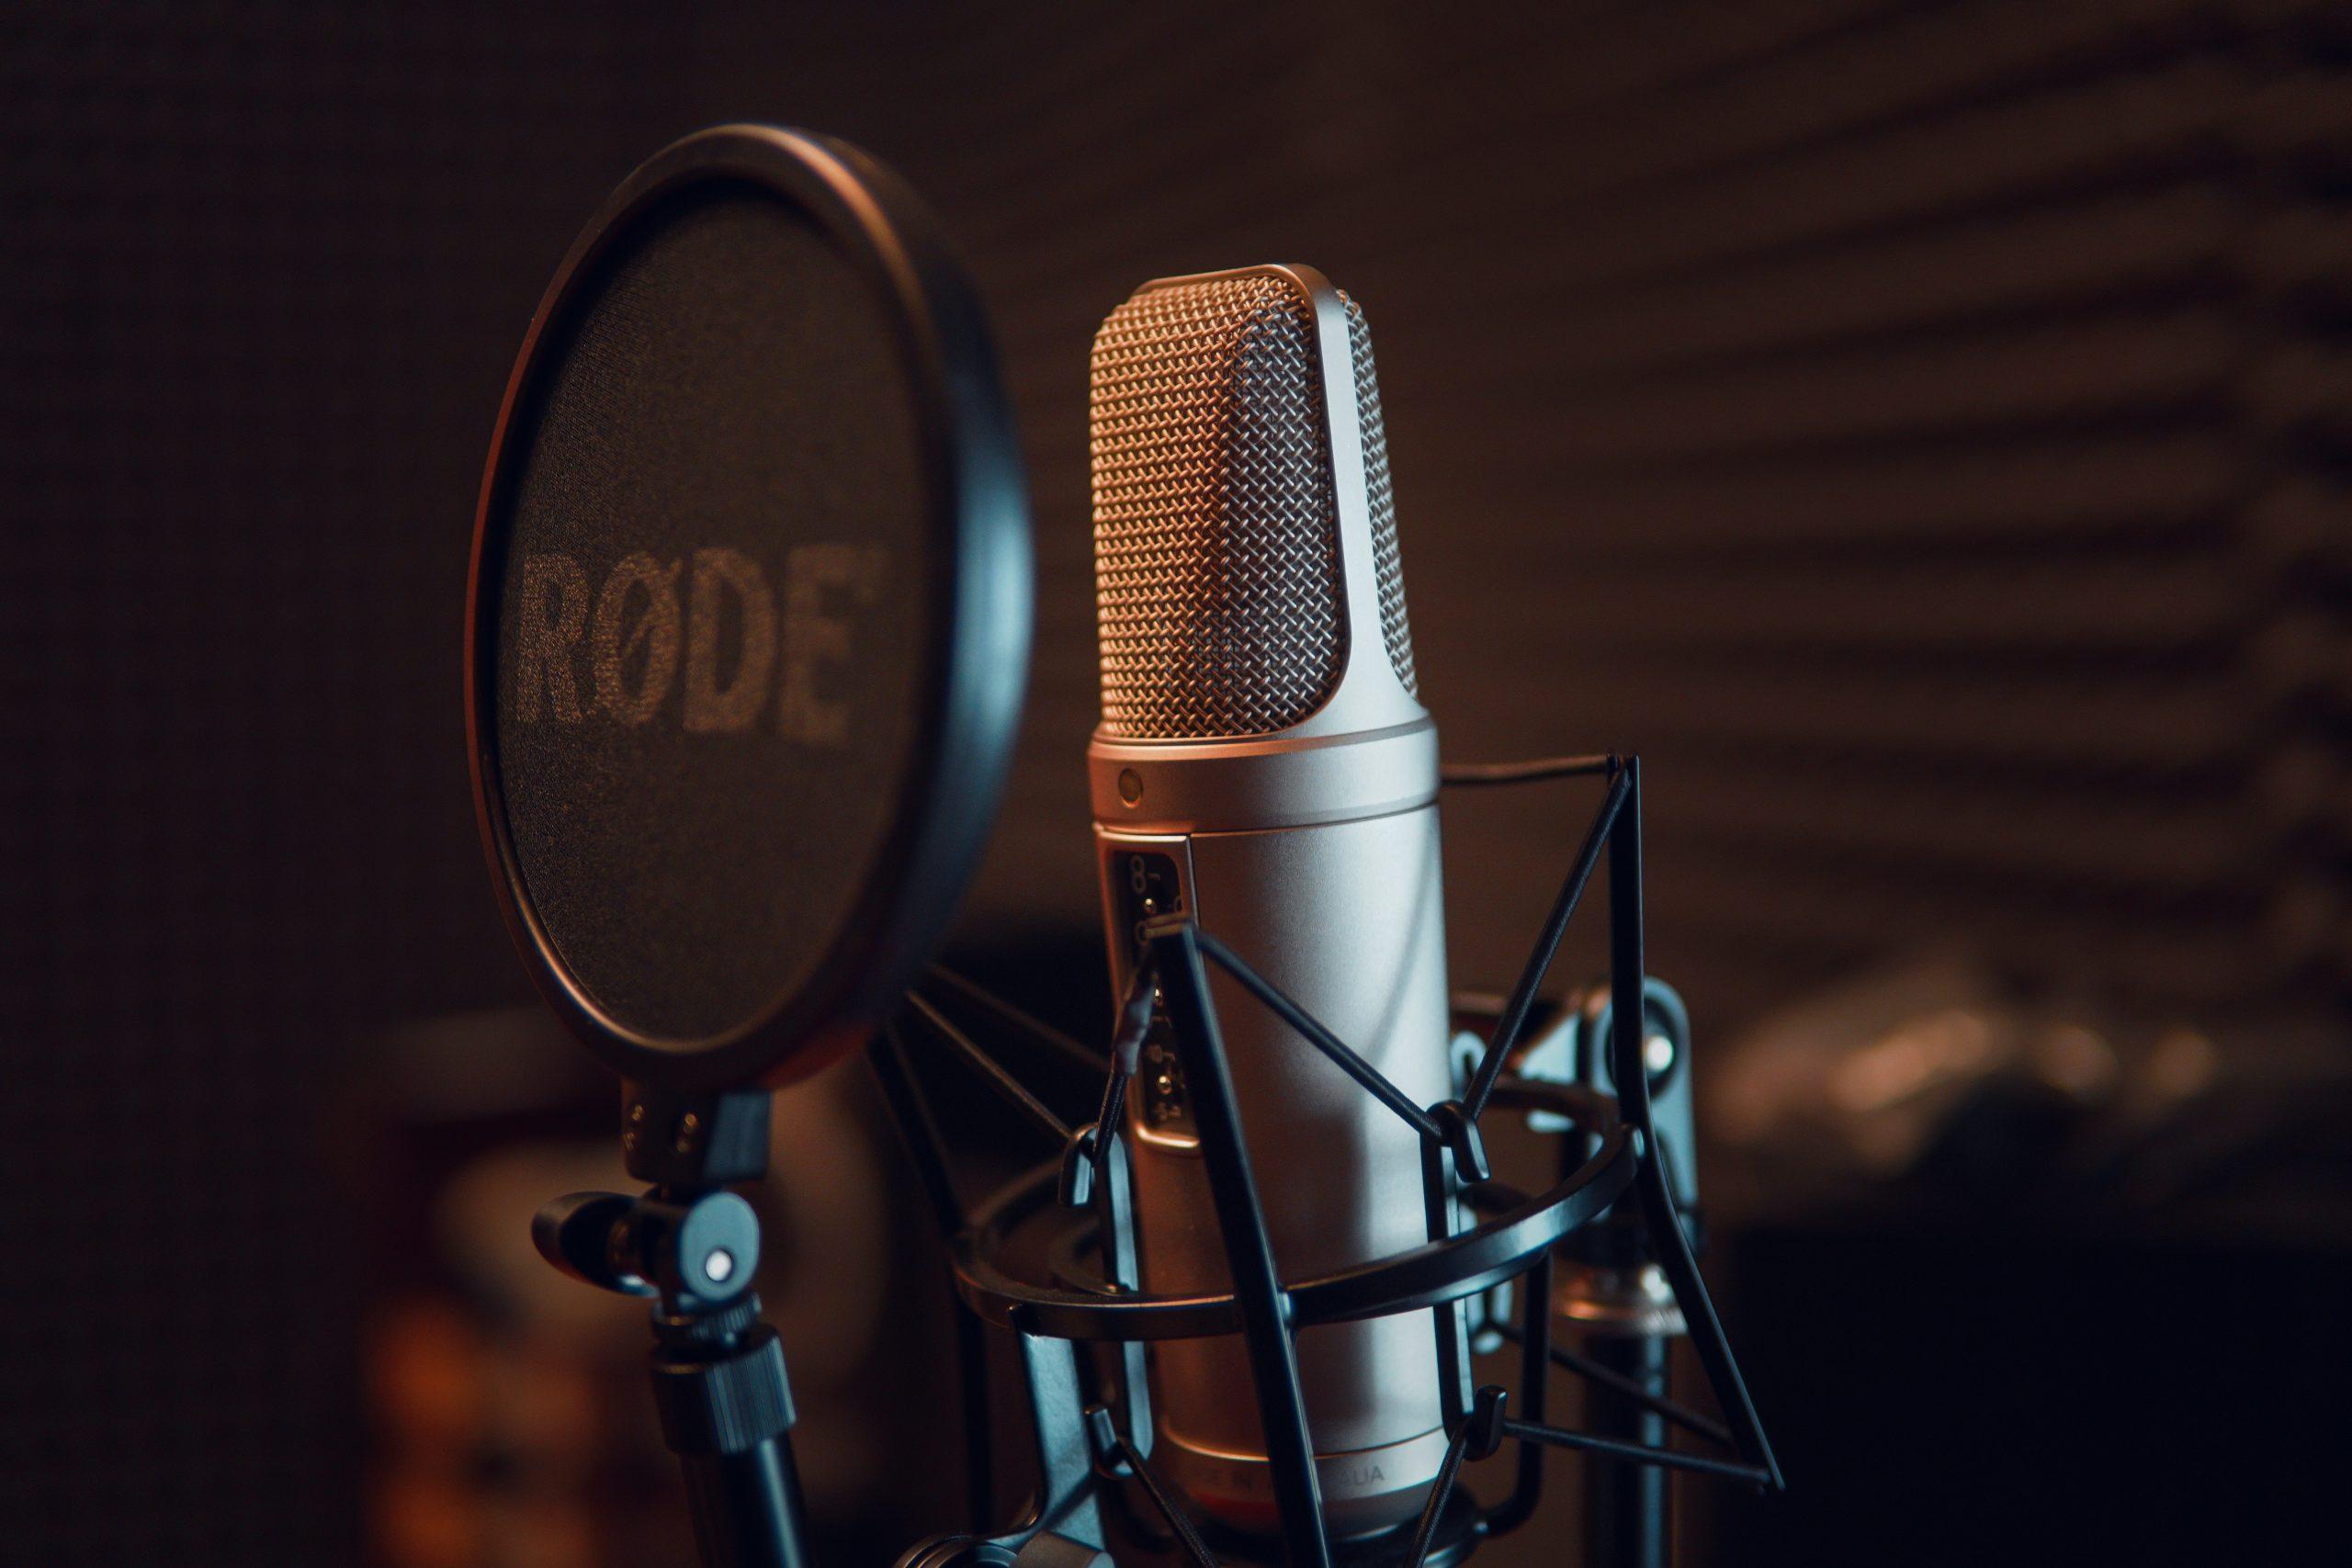 IFT abre convocatoria para 319 estaciones de radio en am fm